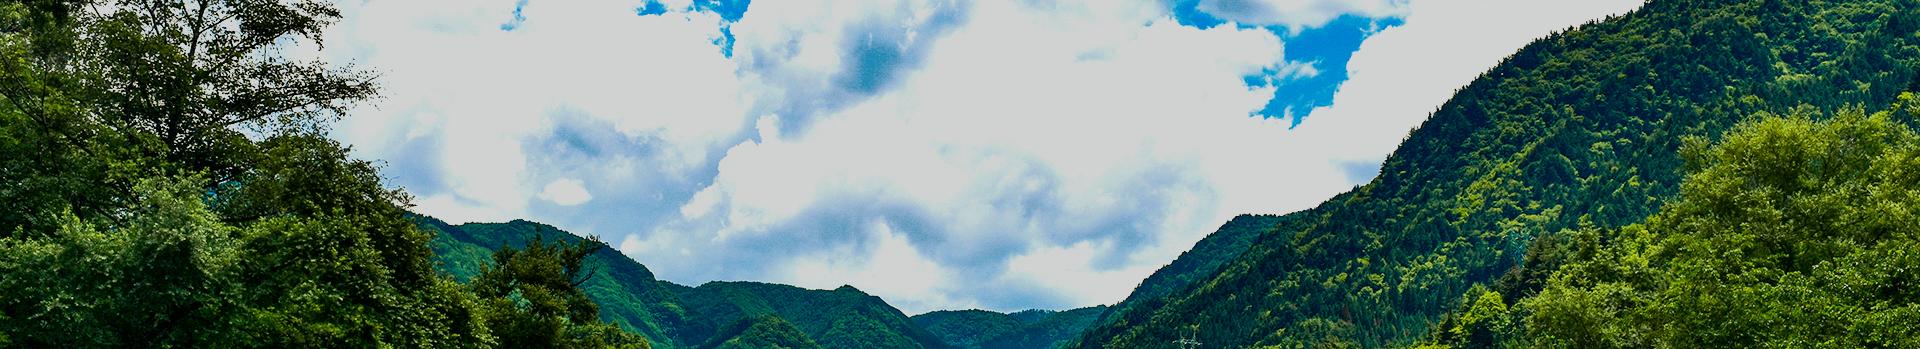 飛騨山脈のジオのおはなし個別コラムページトップ